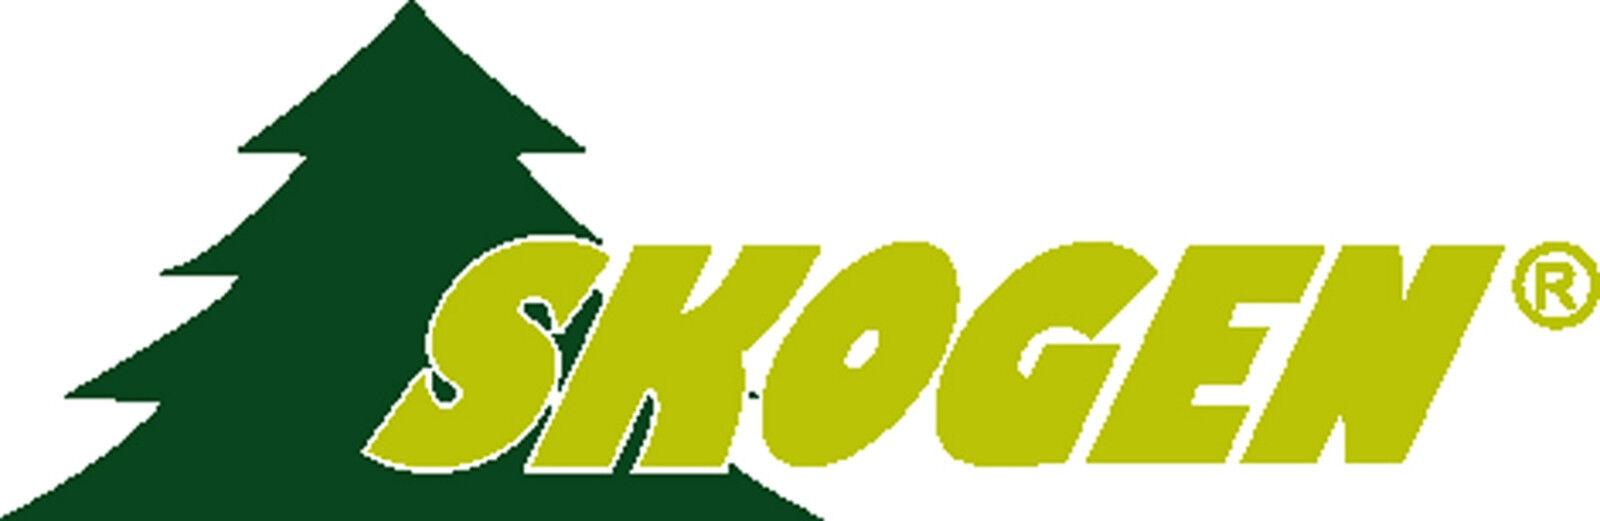 Jagdhut Outdoorhut  Ziergarnitur  Hund  Hut  oliv-grün oliv-grün oliv-grün 100% Wolle von SKOGEN 3e9fed